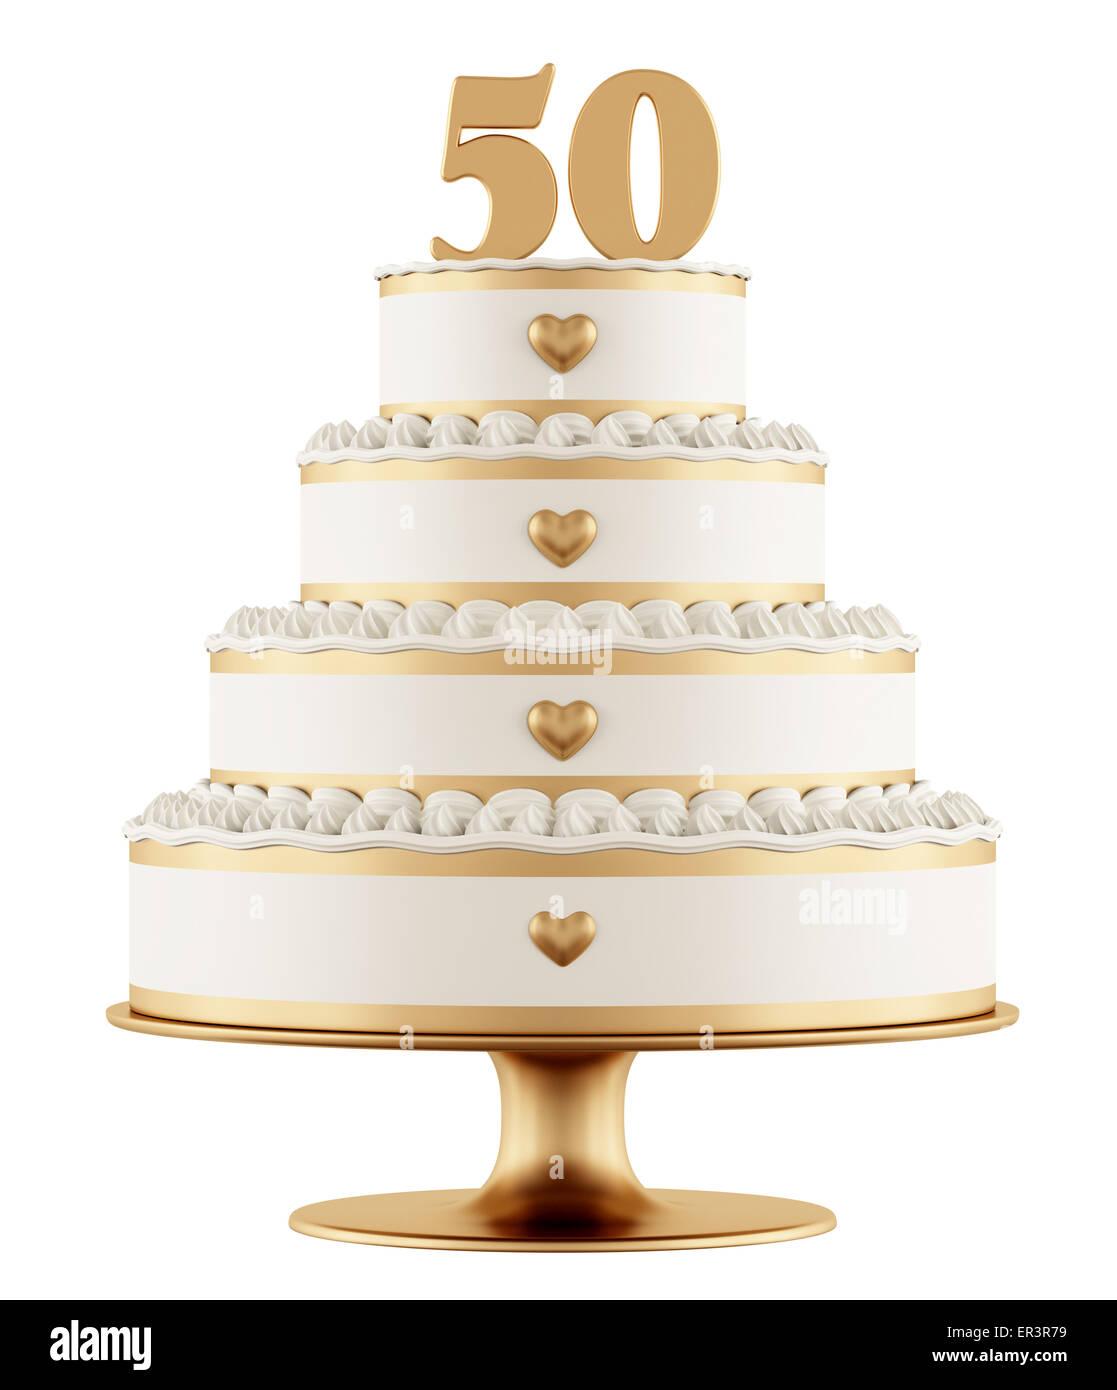 Goldene Hochzeit Kuchen Isoliert Auf Weißem Hintergrund 3d